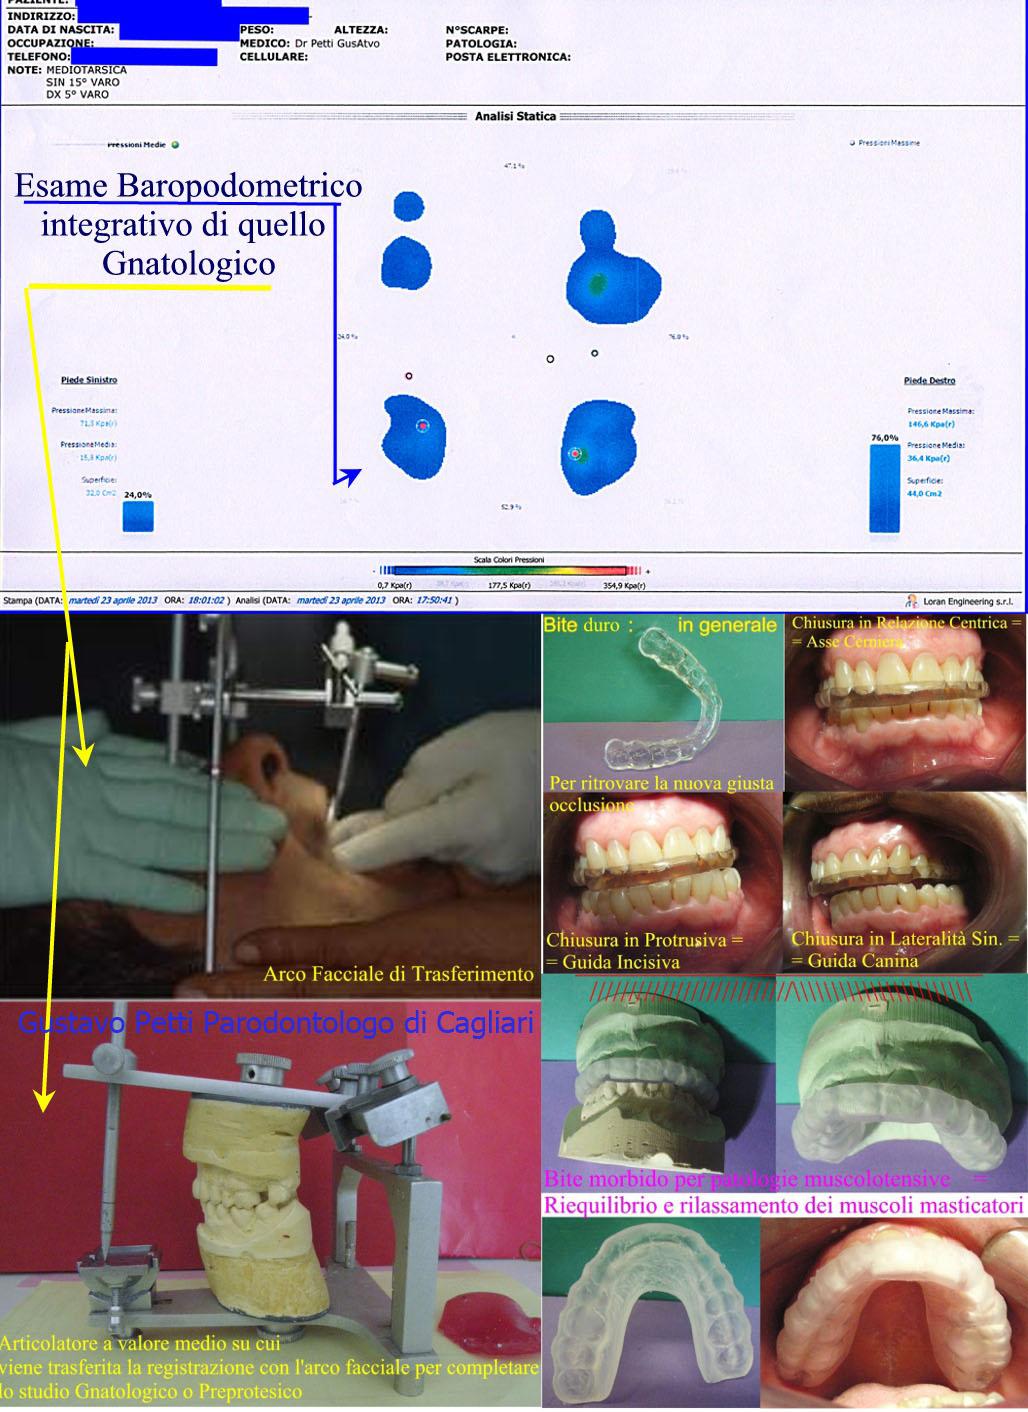 analisi-gnatologica-dr-g.petti-cagliari-037.jpg